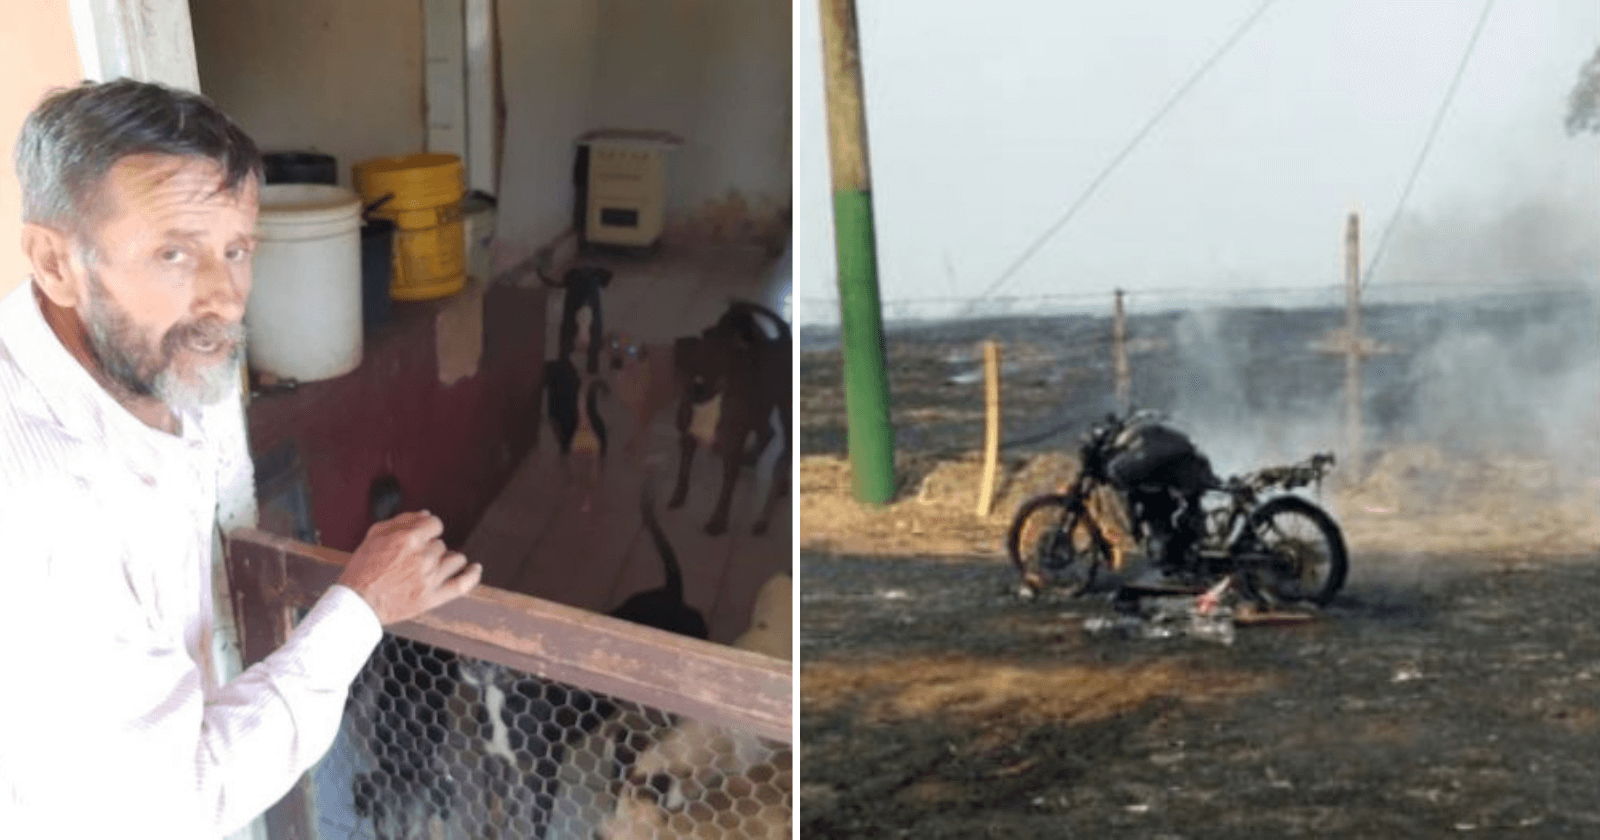 Senhor que perdeu moto em incêndio para salvar animais ganha surpresa de amigos e desconhecidos